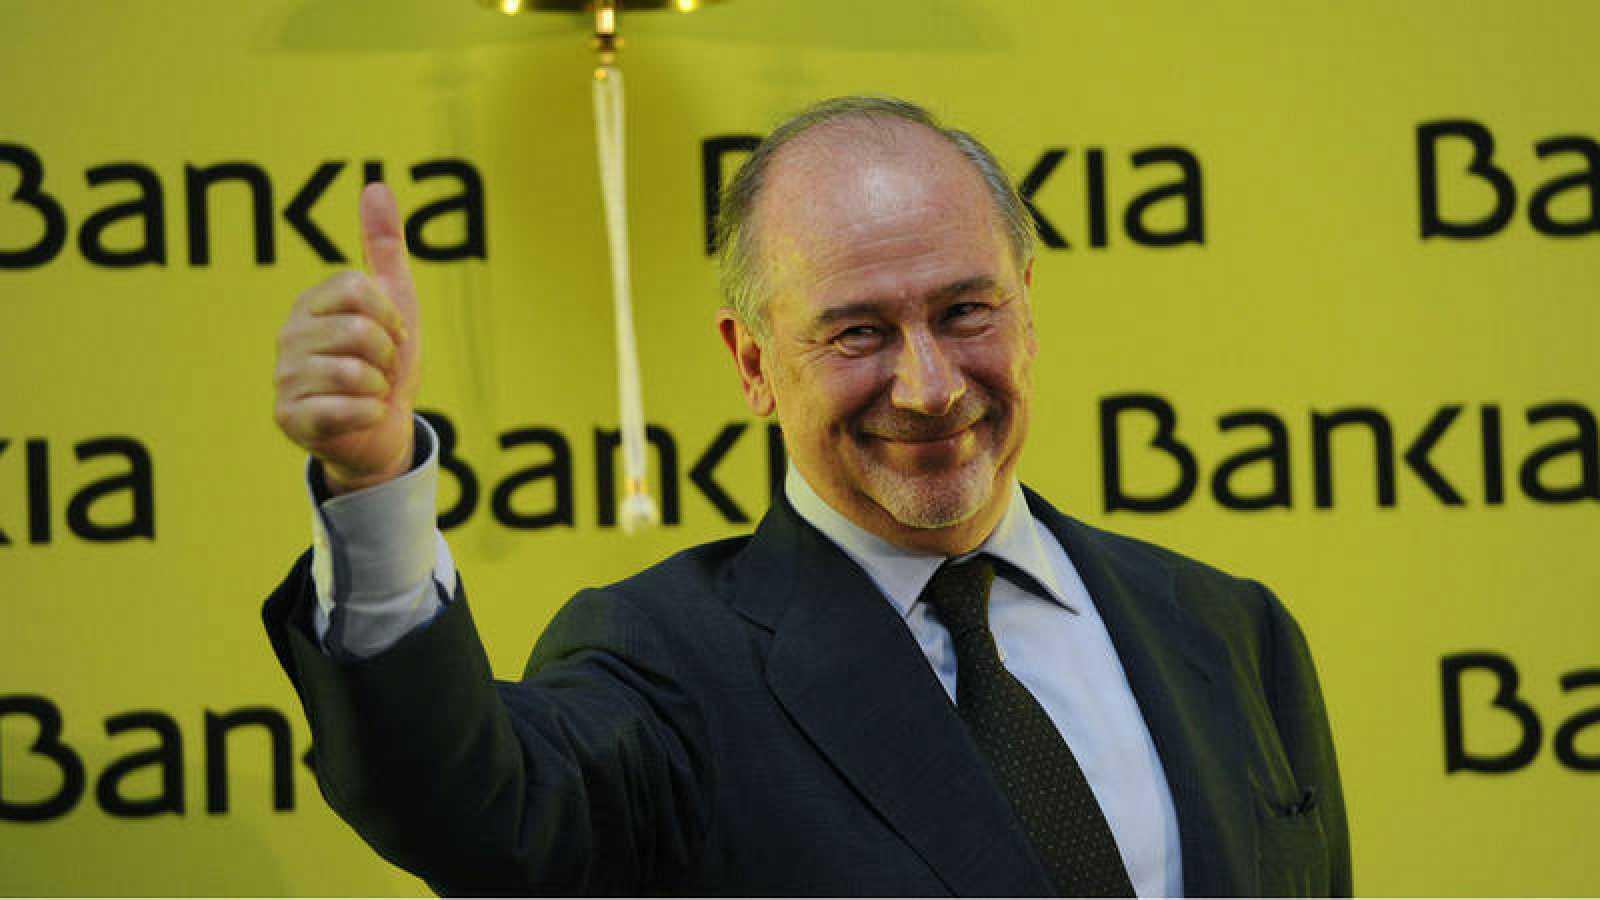 Este lunes comienza el juicio por la salida a bolsa de Bankia con Rato en el banquillo